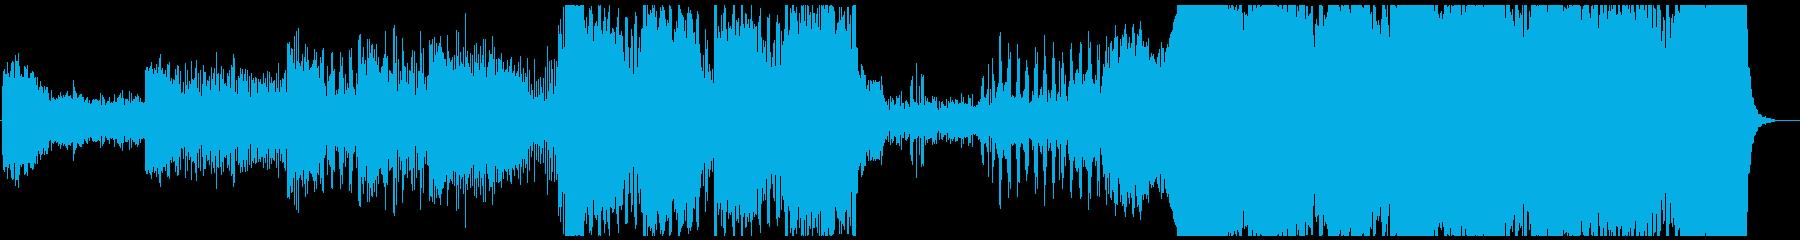 巨大なものが現れるシーンのBGMの再生済みの波形